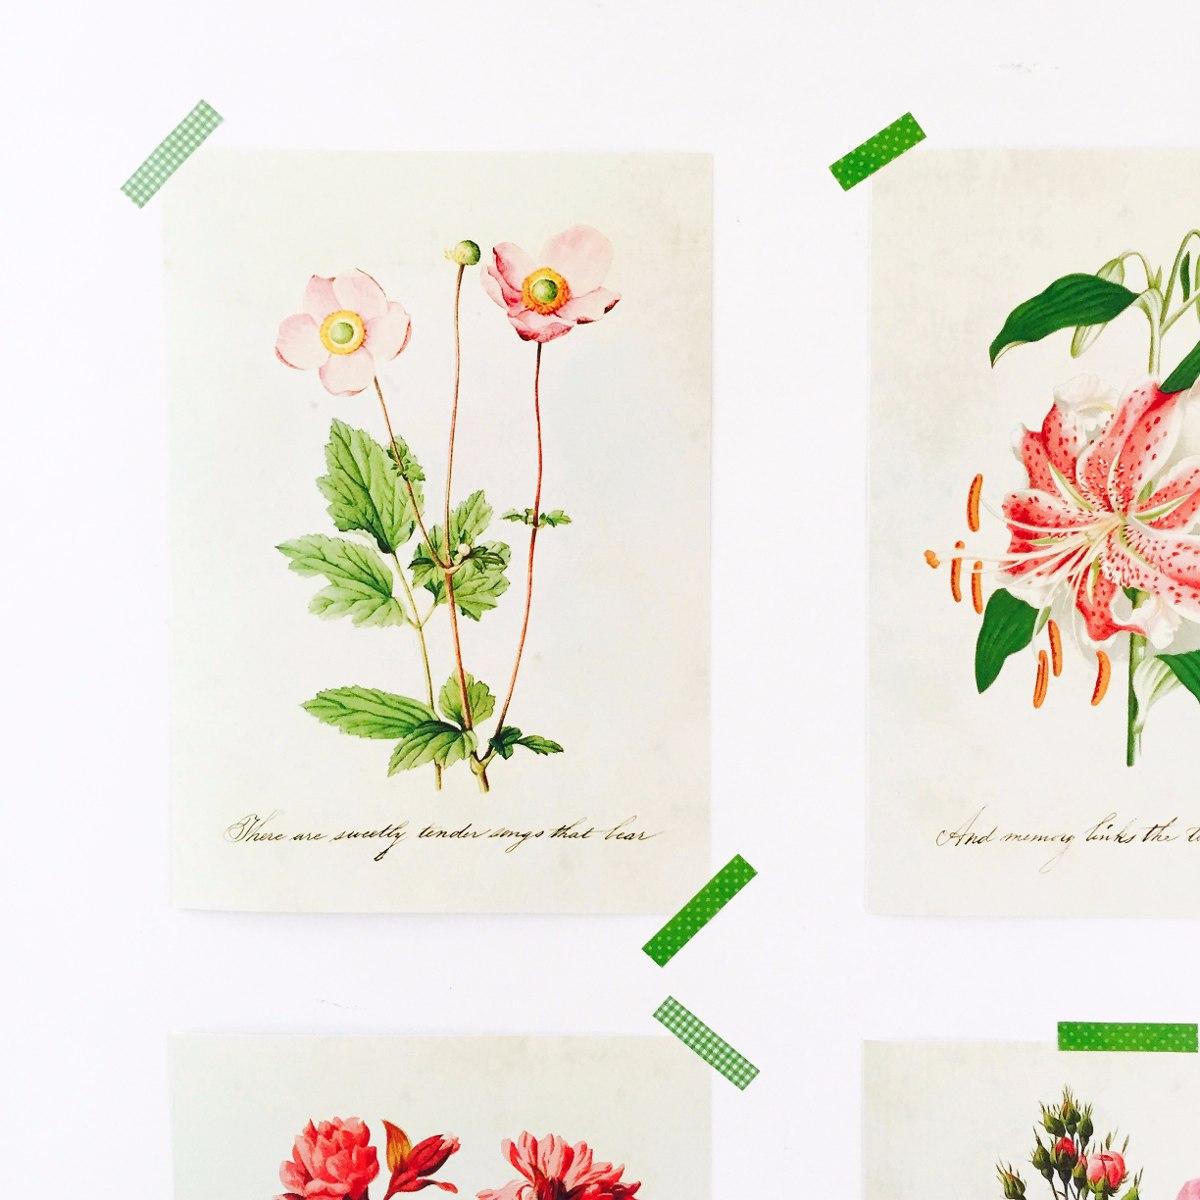 Laminas Botanicas Vintage Ilustraciones Flores 420 00 En